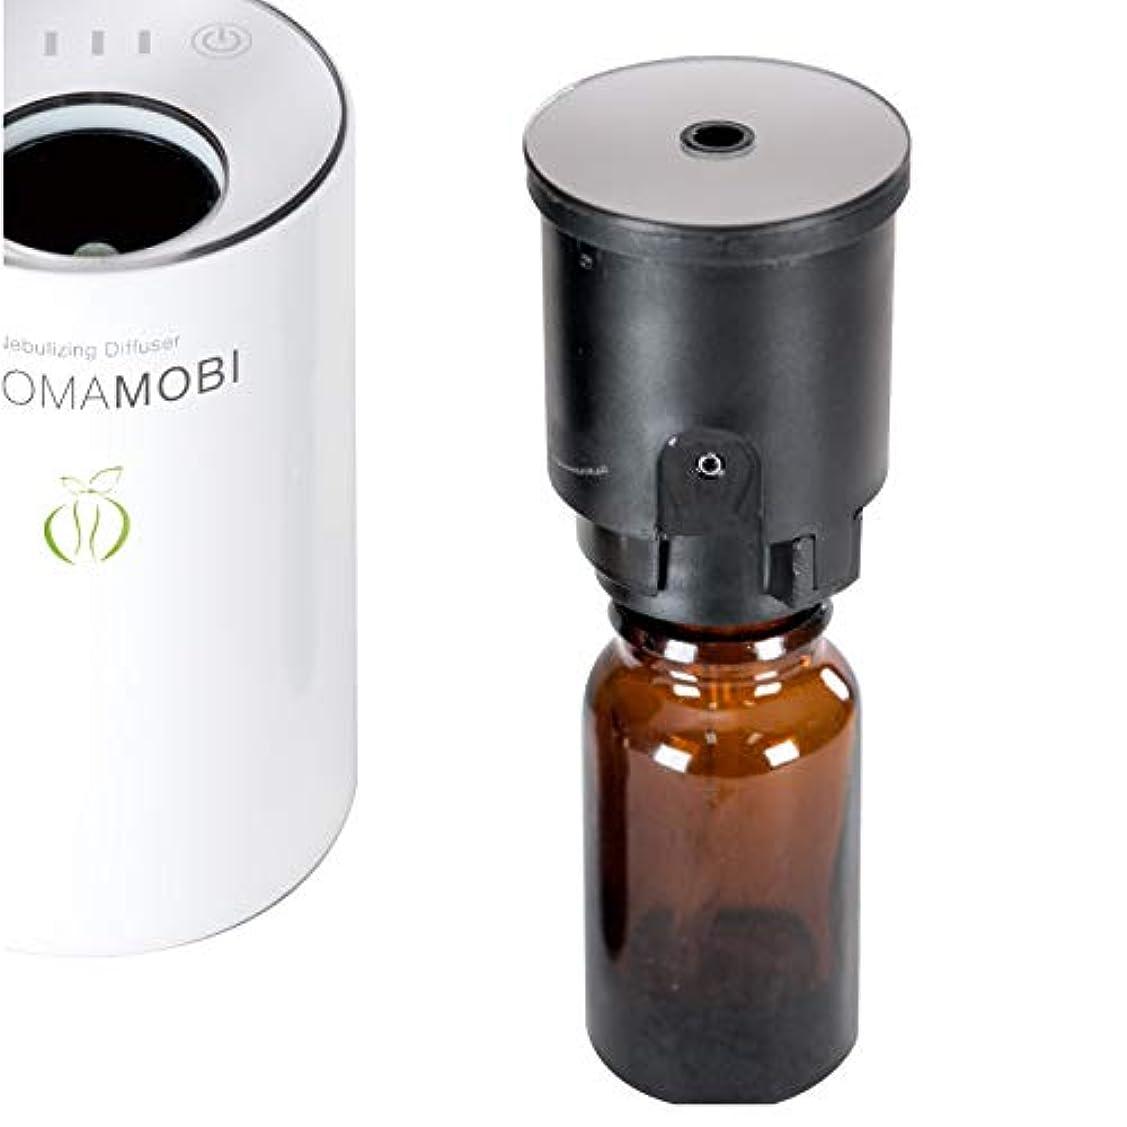 キネマティクスロイヤリティ距離funks アロマモビ 専用 交換用 ノズル ボトルセット aromamobi アロマディフューザー